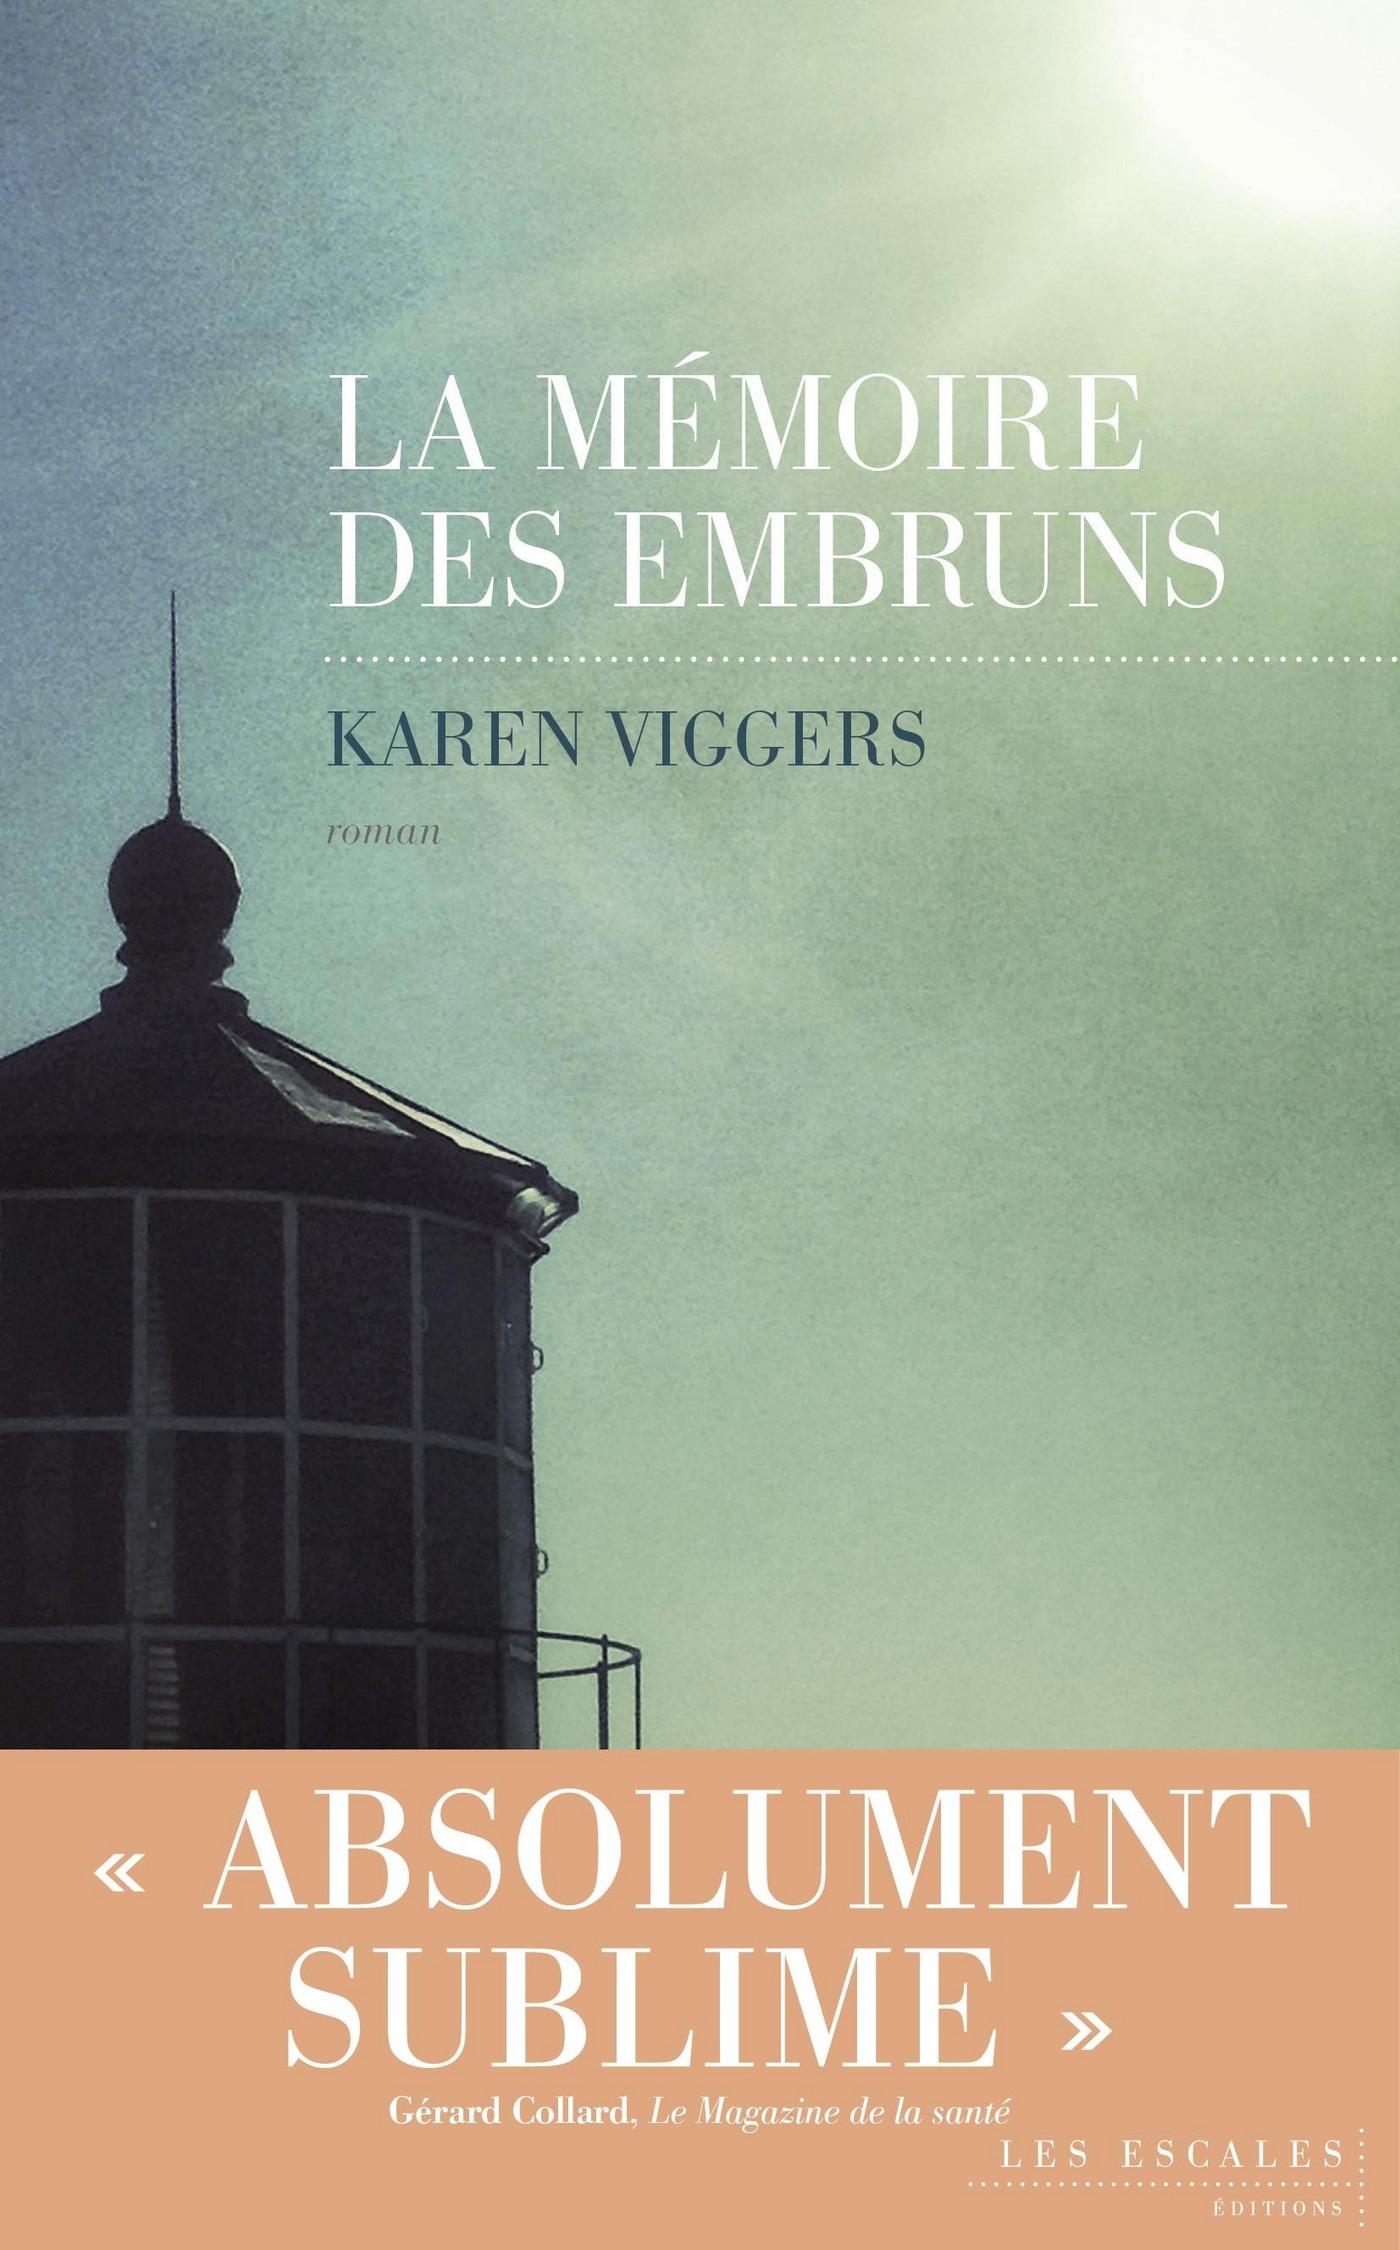 La Mémoire des embruns | VIGGERS, Karen